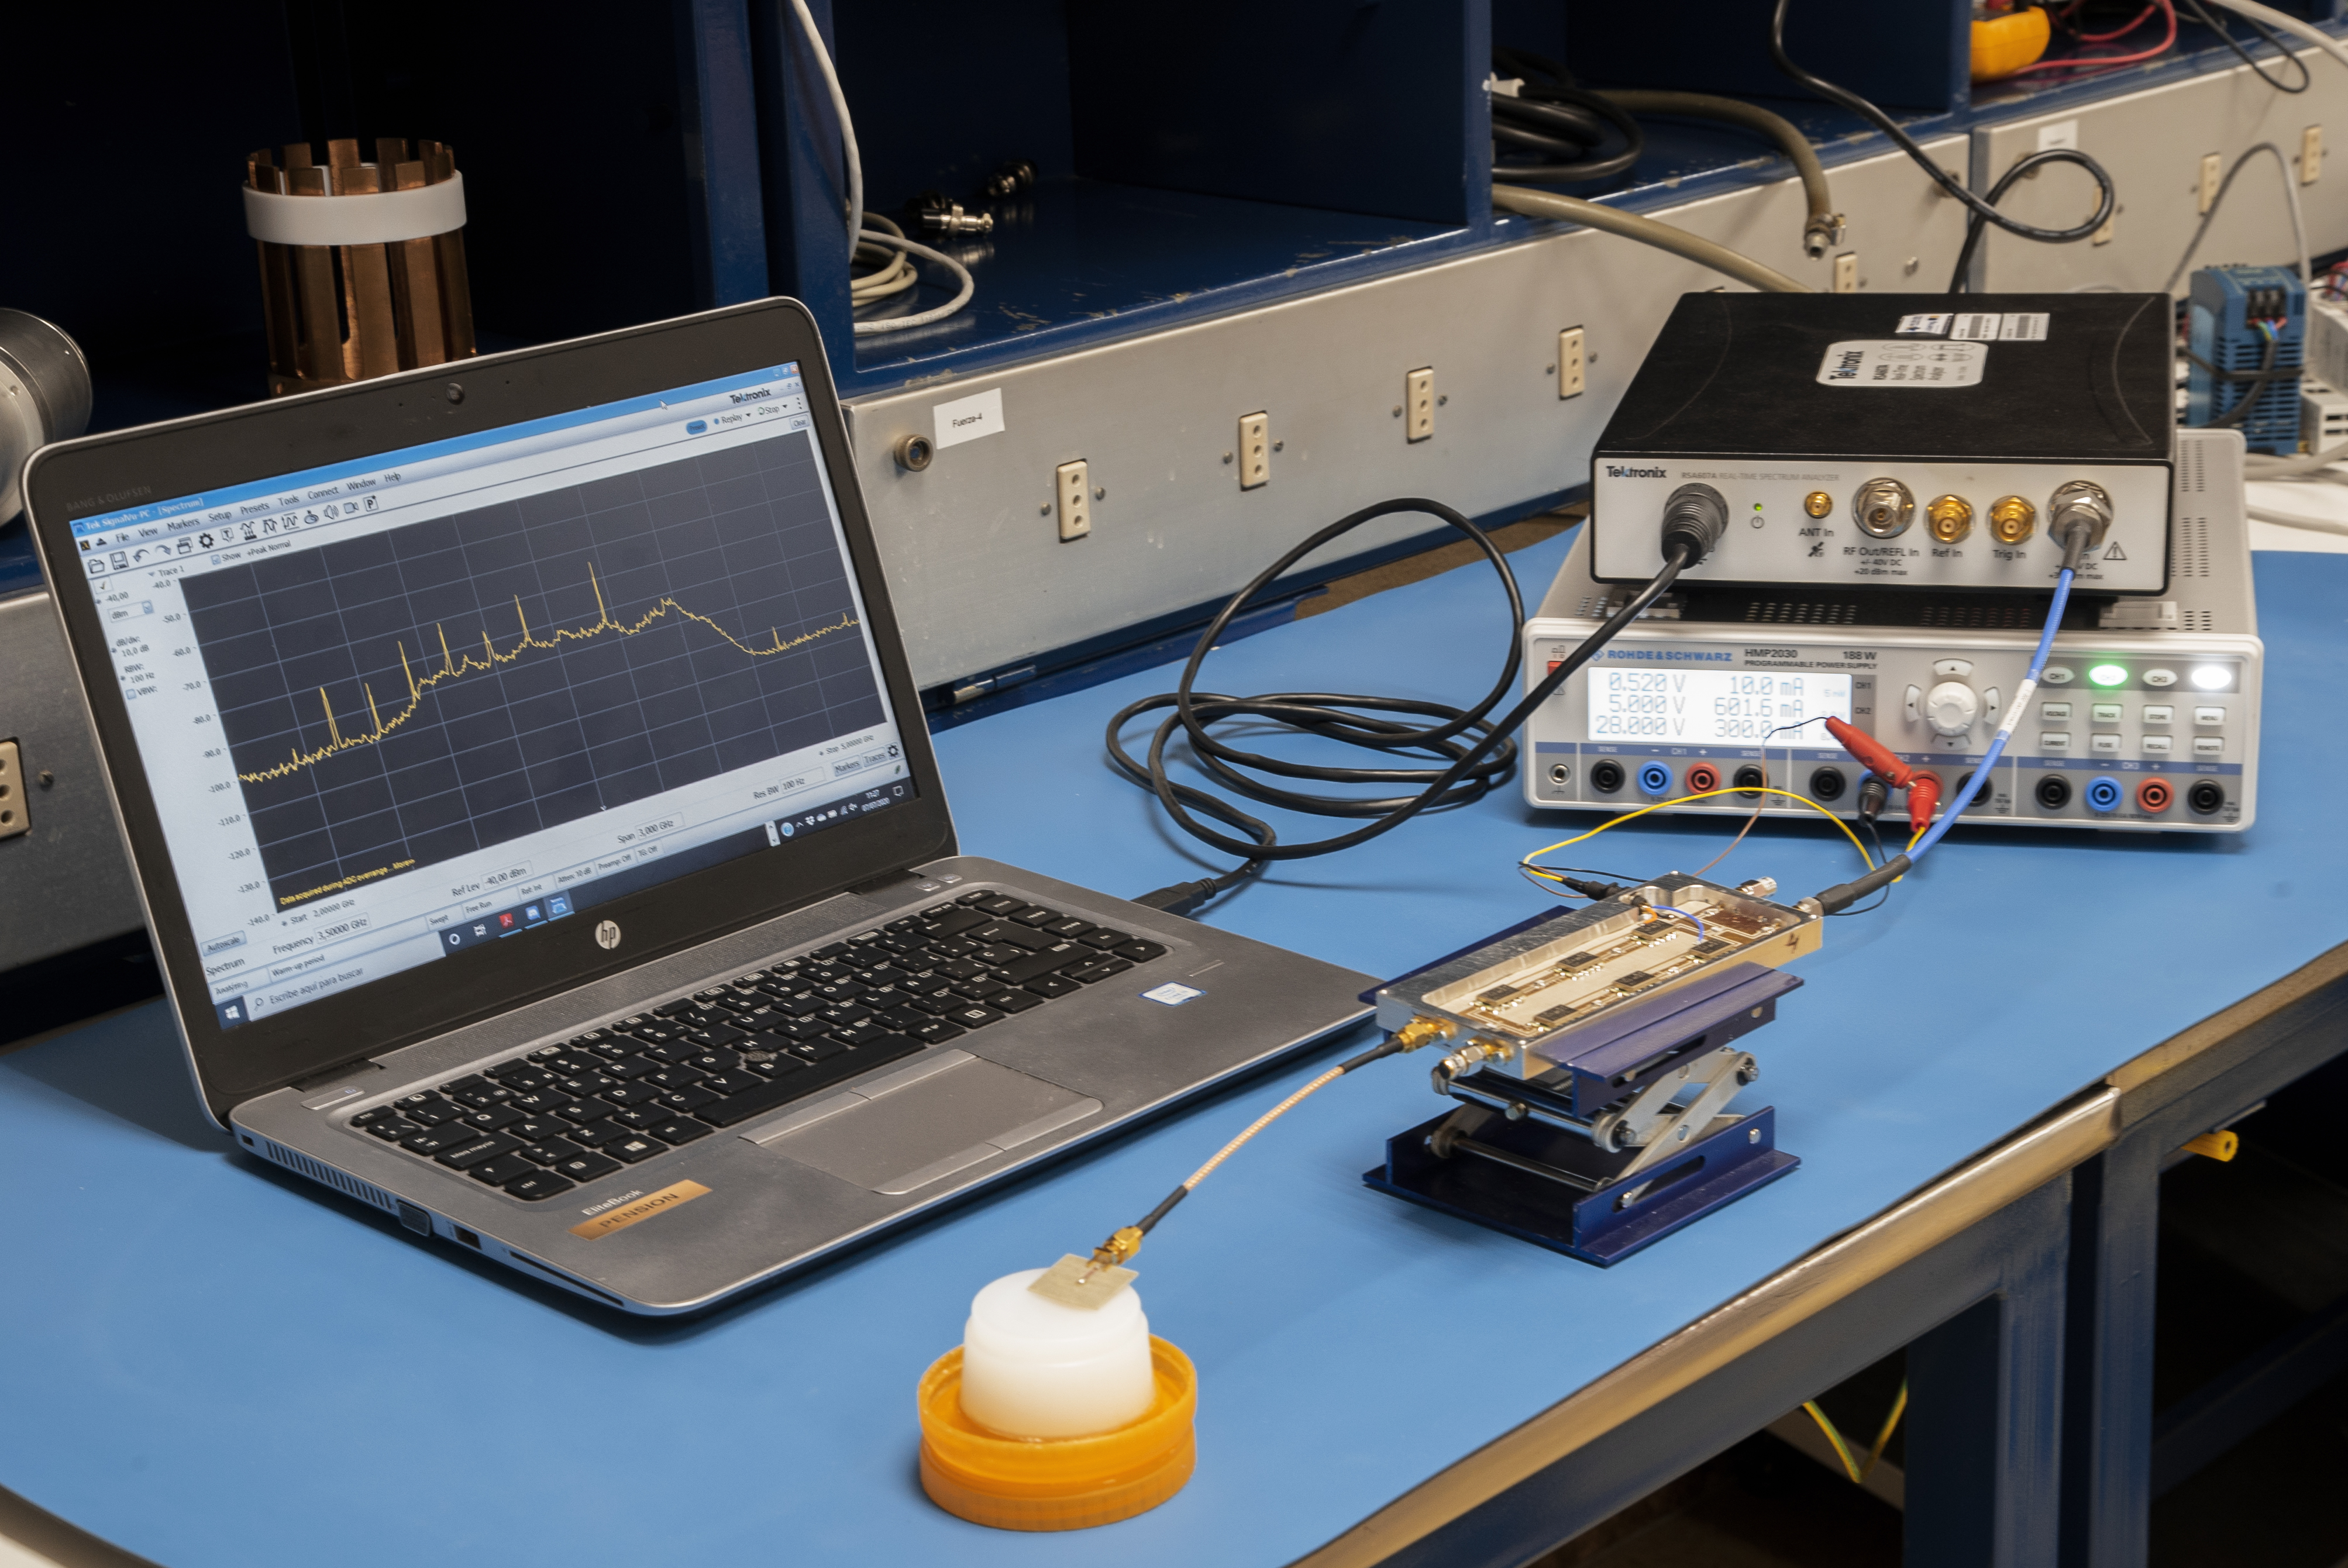 Set-up para la caracterización experimental del radiómetro con un fantoma como dispositivo a caracterizar. Crédito: Unidad de Comunicación y Cultura Científica (IAC).